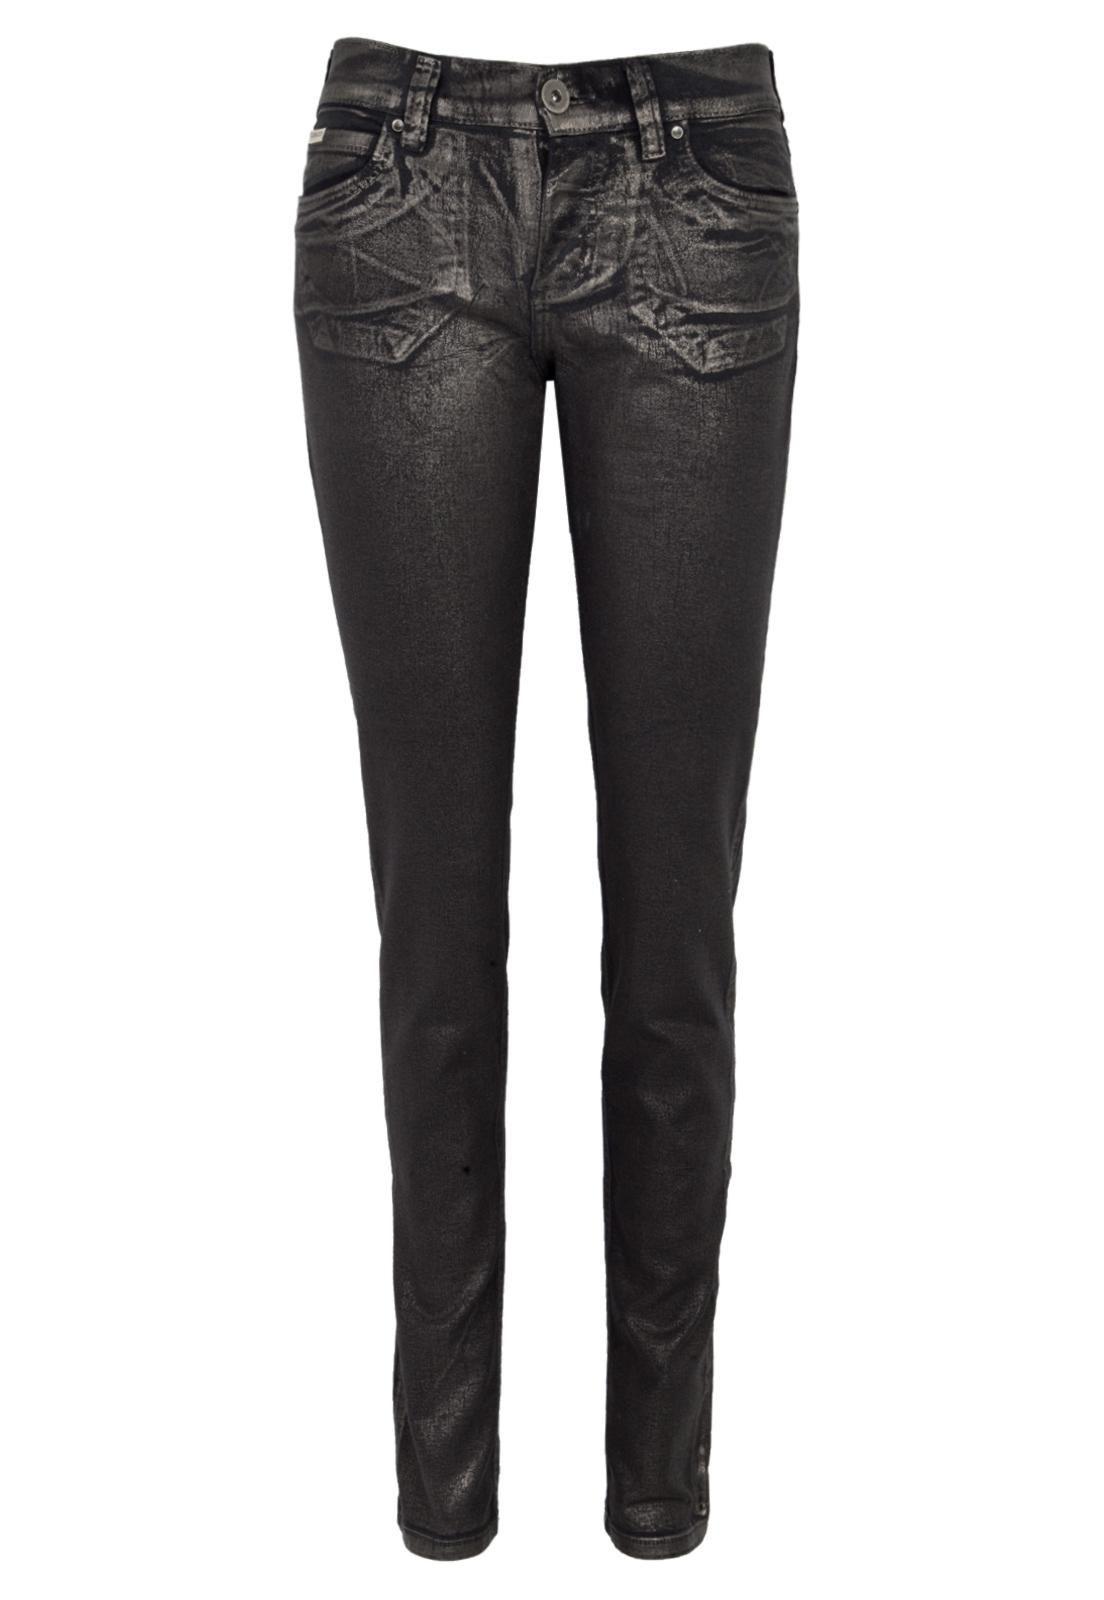 24326a0a5 Calça Jeans Colcci Fatima Skinny Tingida Preta - Compre Agora | Dafiti  Brasil